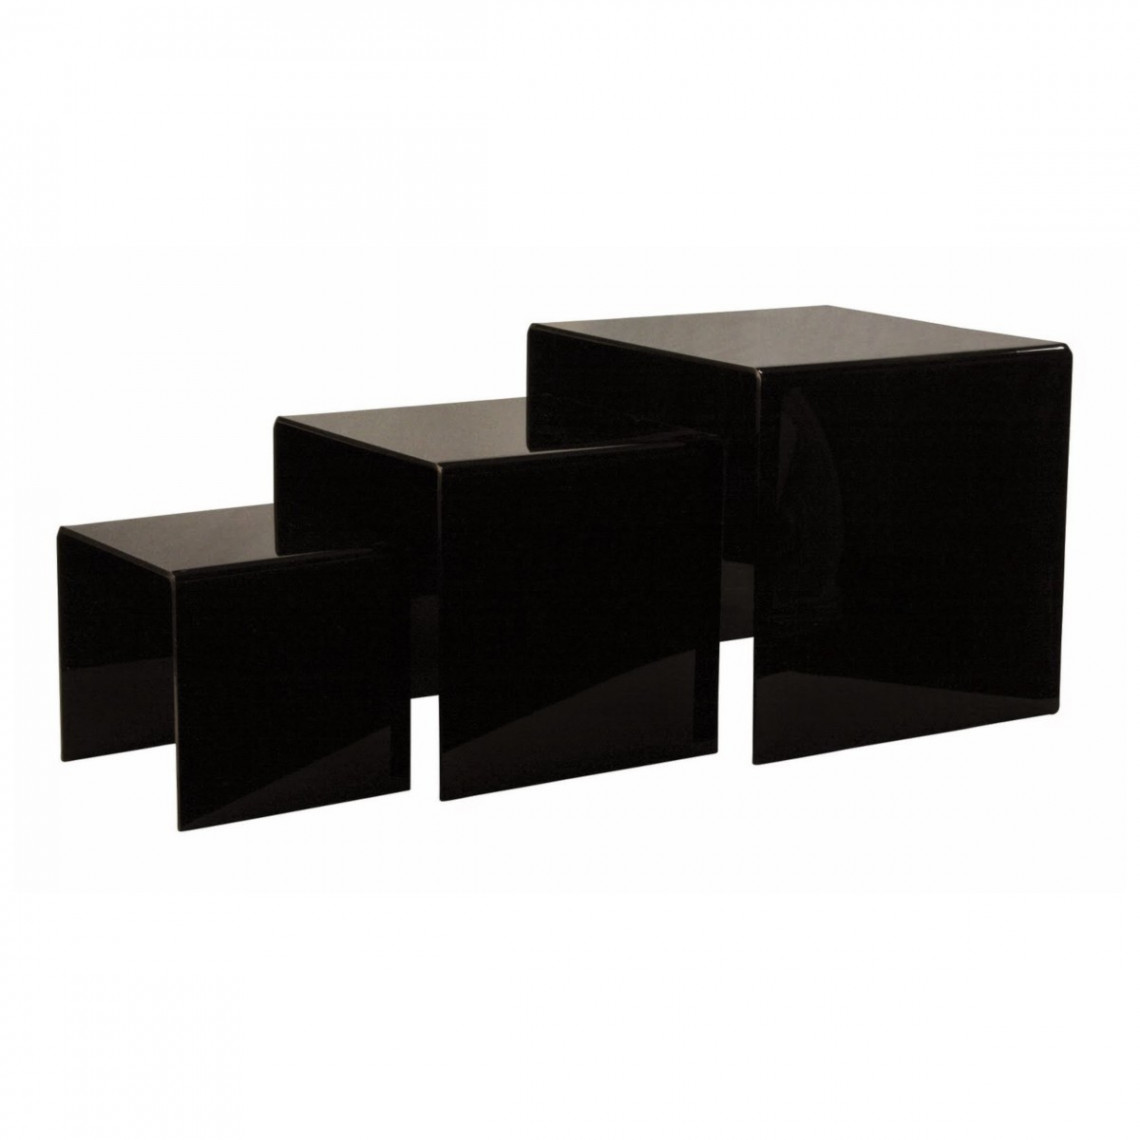 Kit gigogne plexi Dita noir (3 éléments)